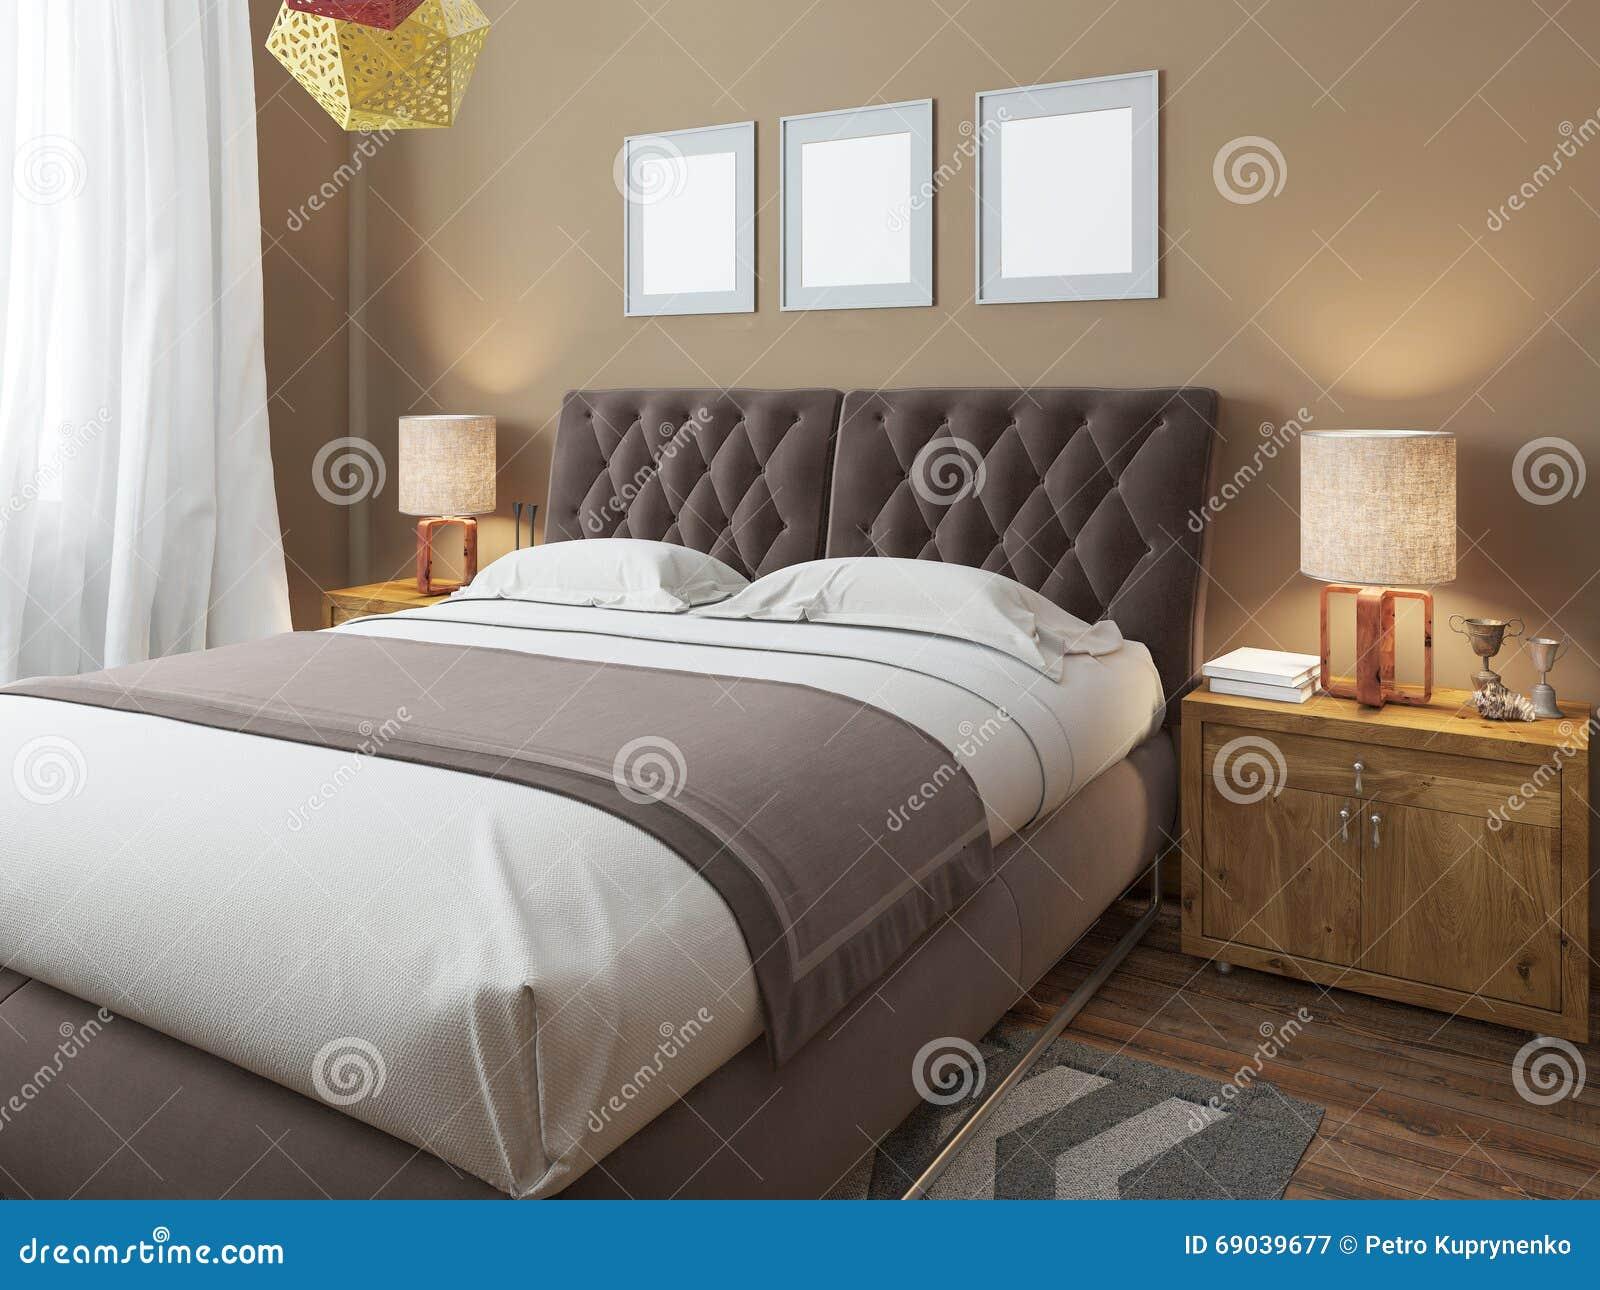 cama matrimonial moderna grande de lujo en el estilo del